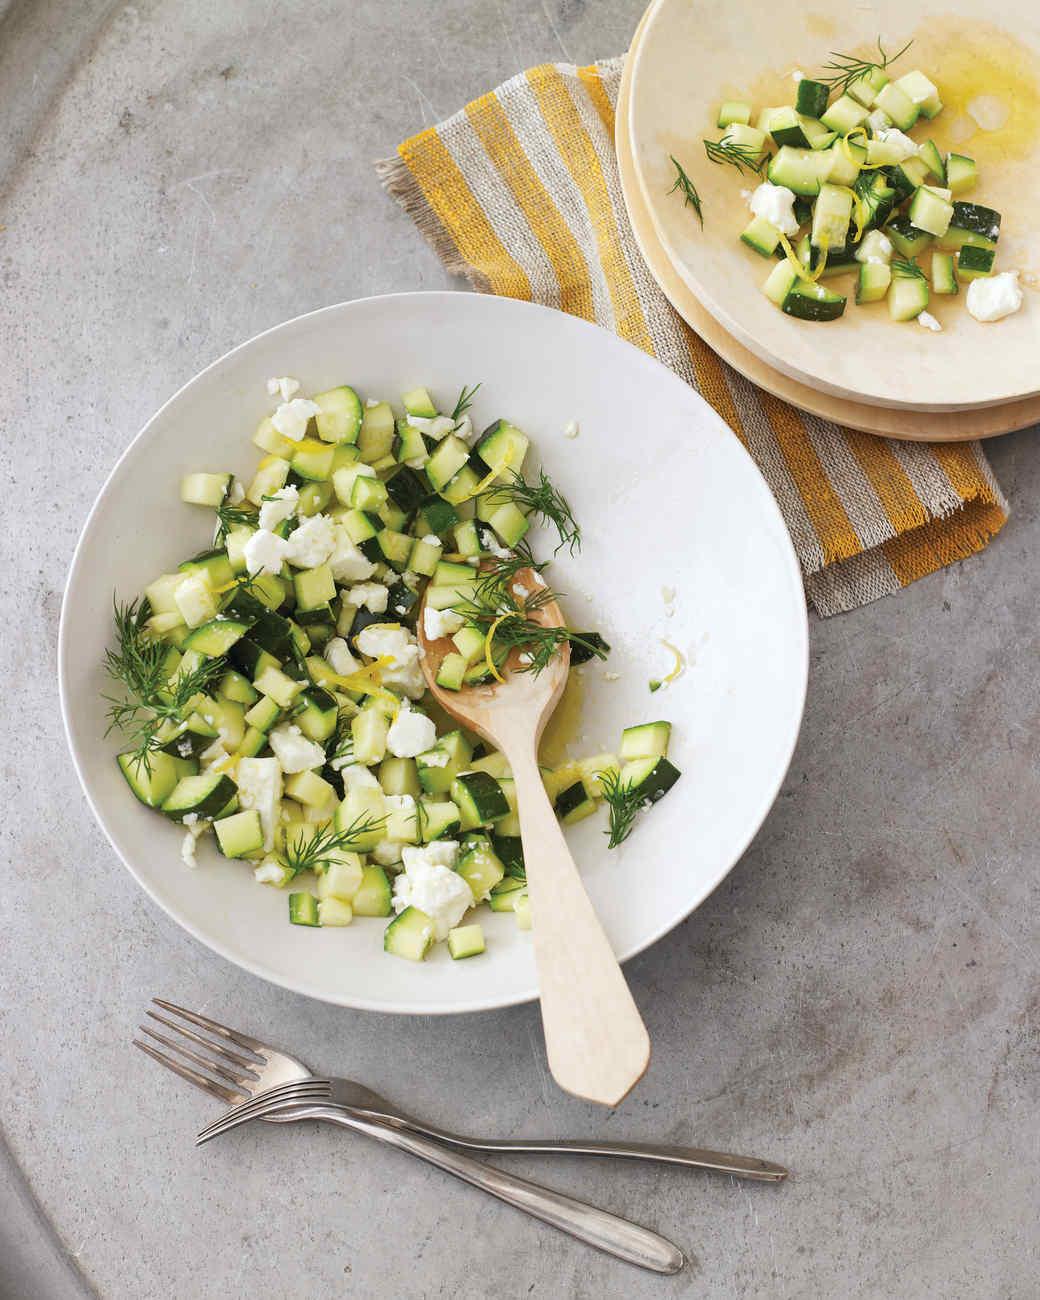 zucchini-salad-mld107419.jpg